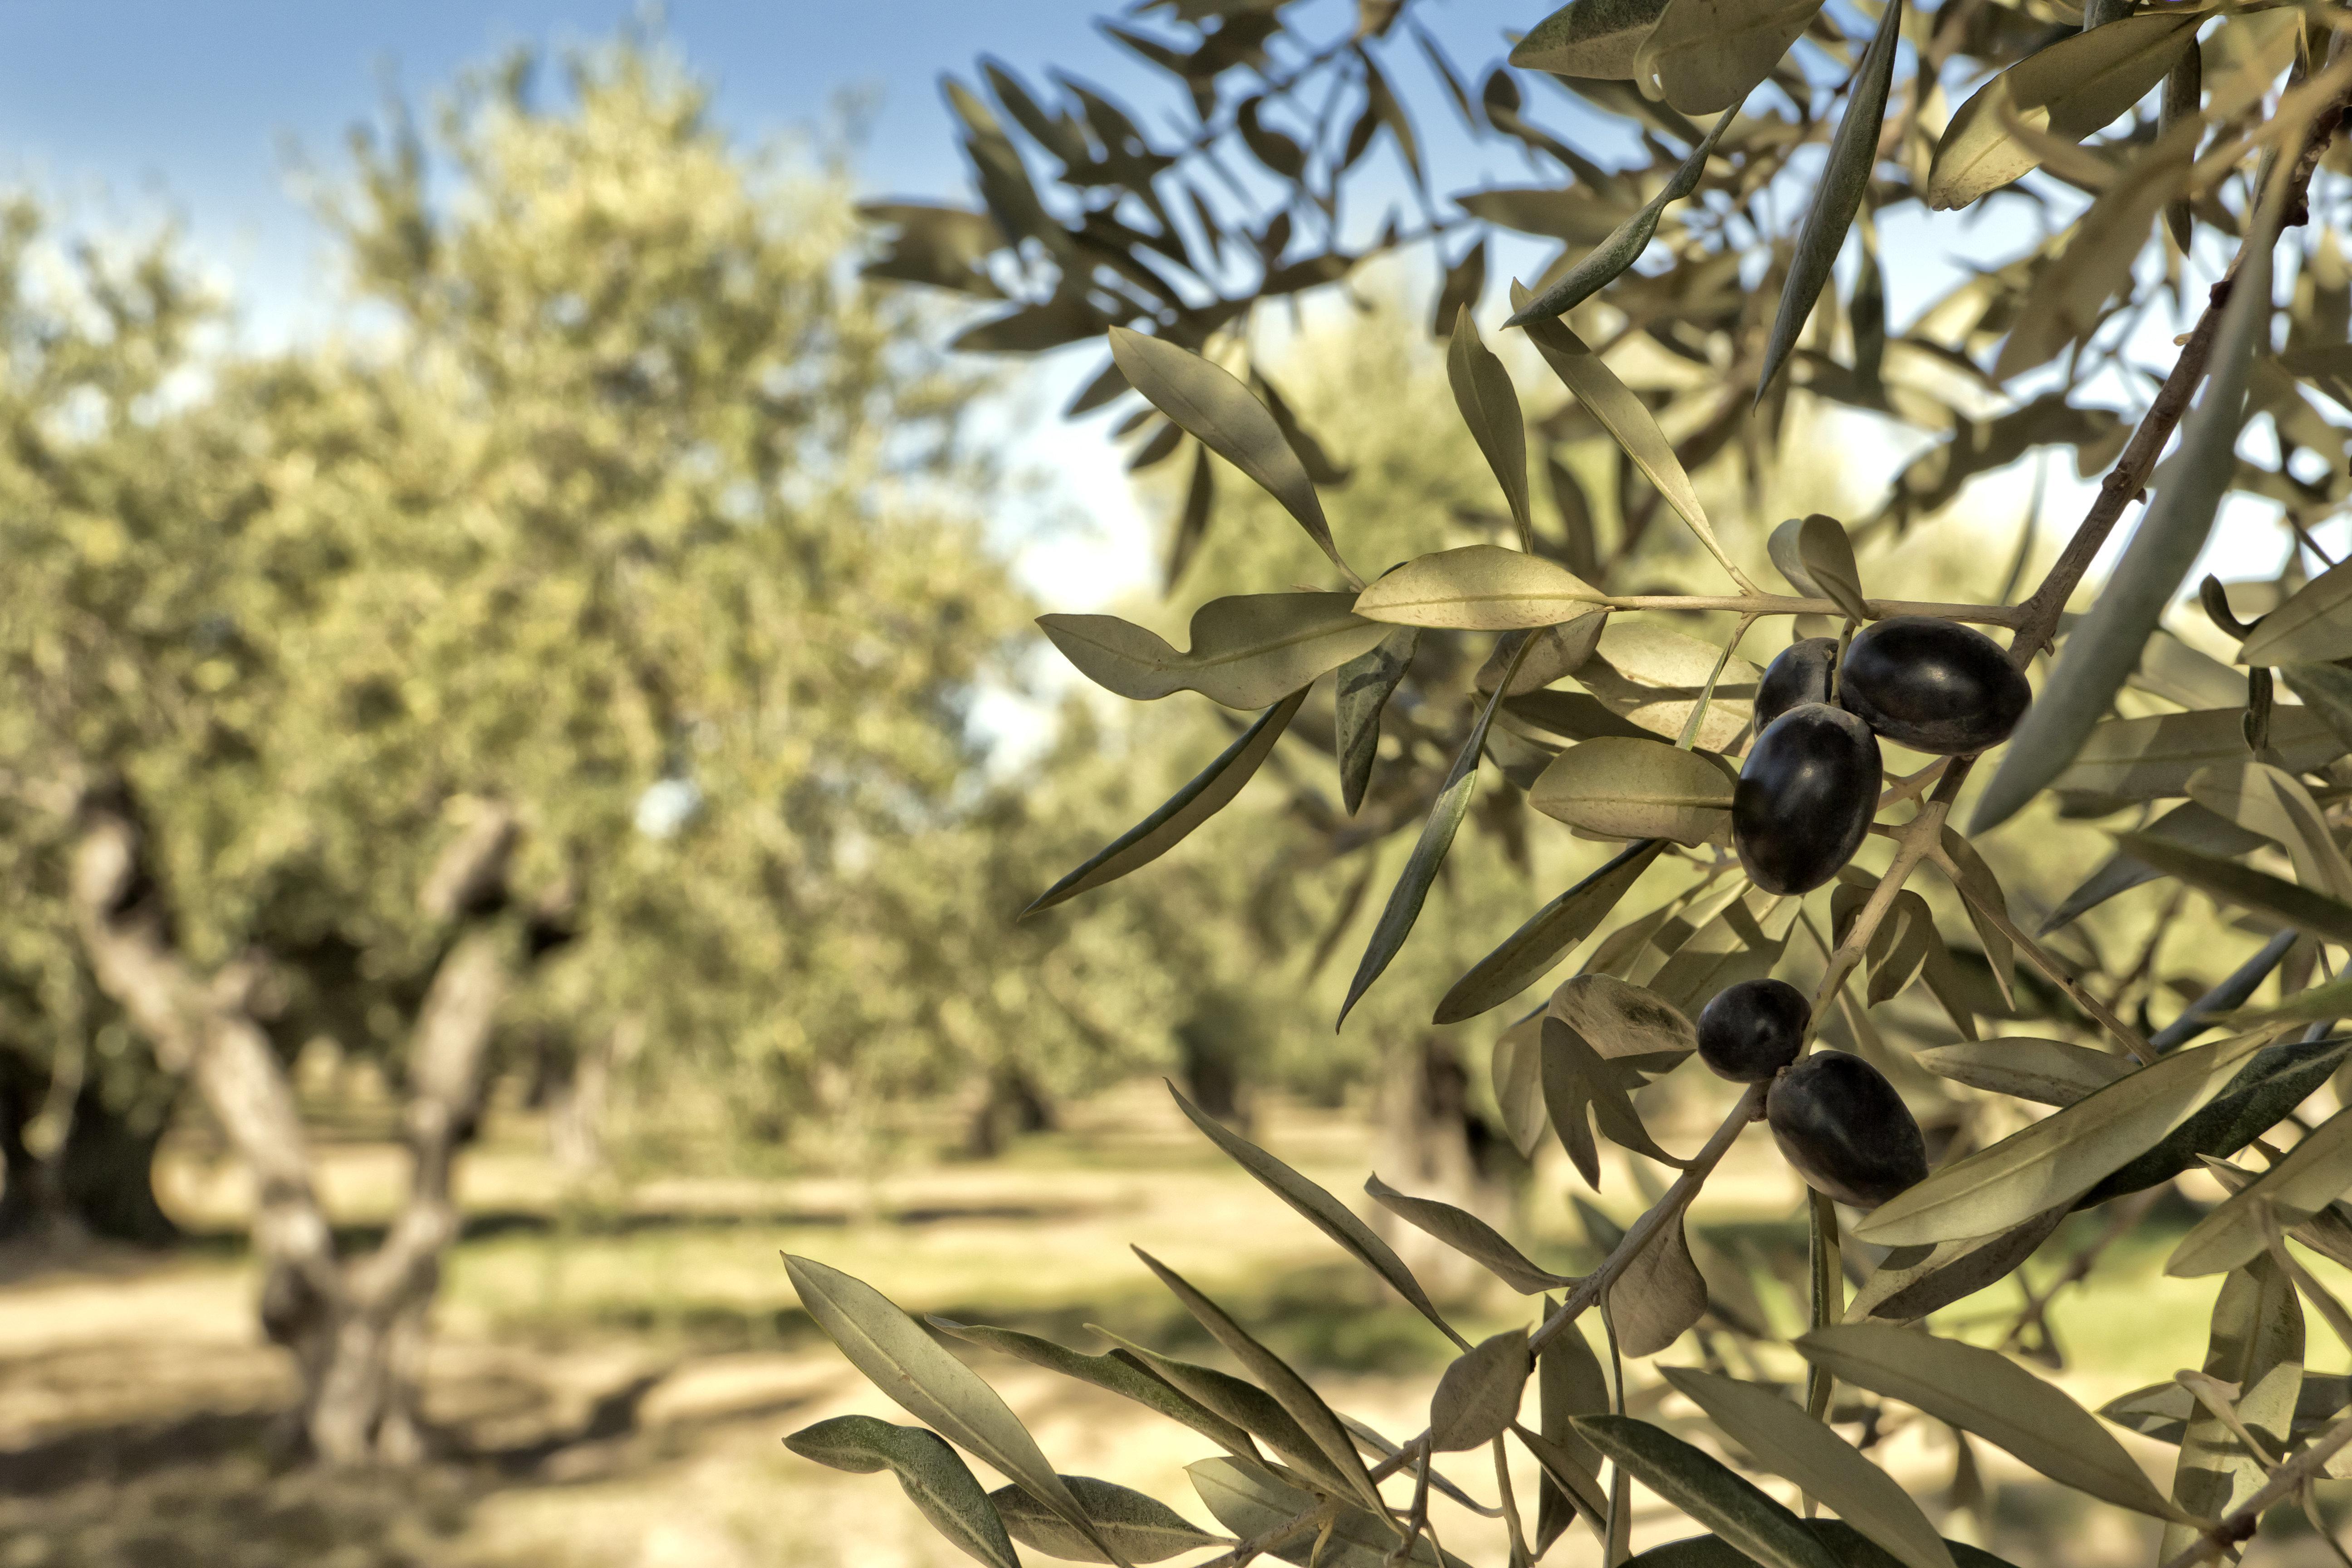 Κι όμως, η ελληνική ελιά θα κατακτήσει επιτέλους τη διεθνή